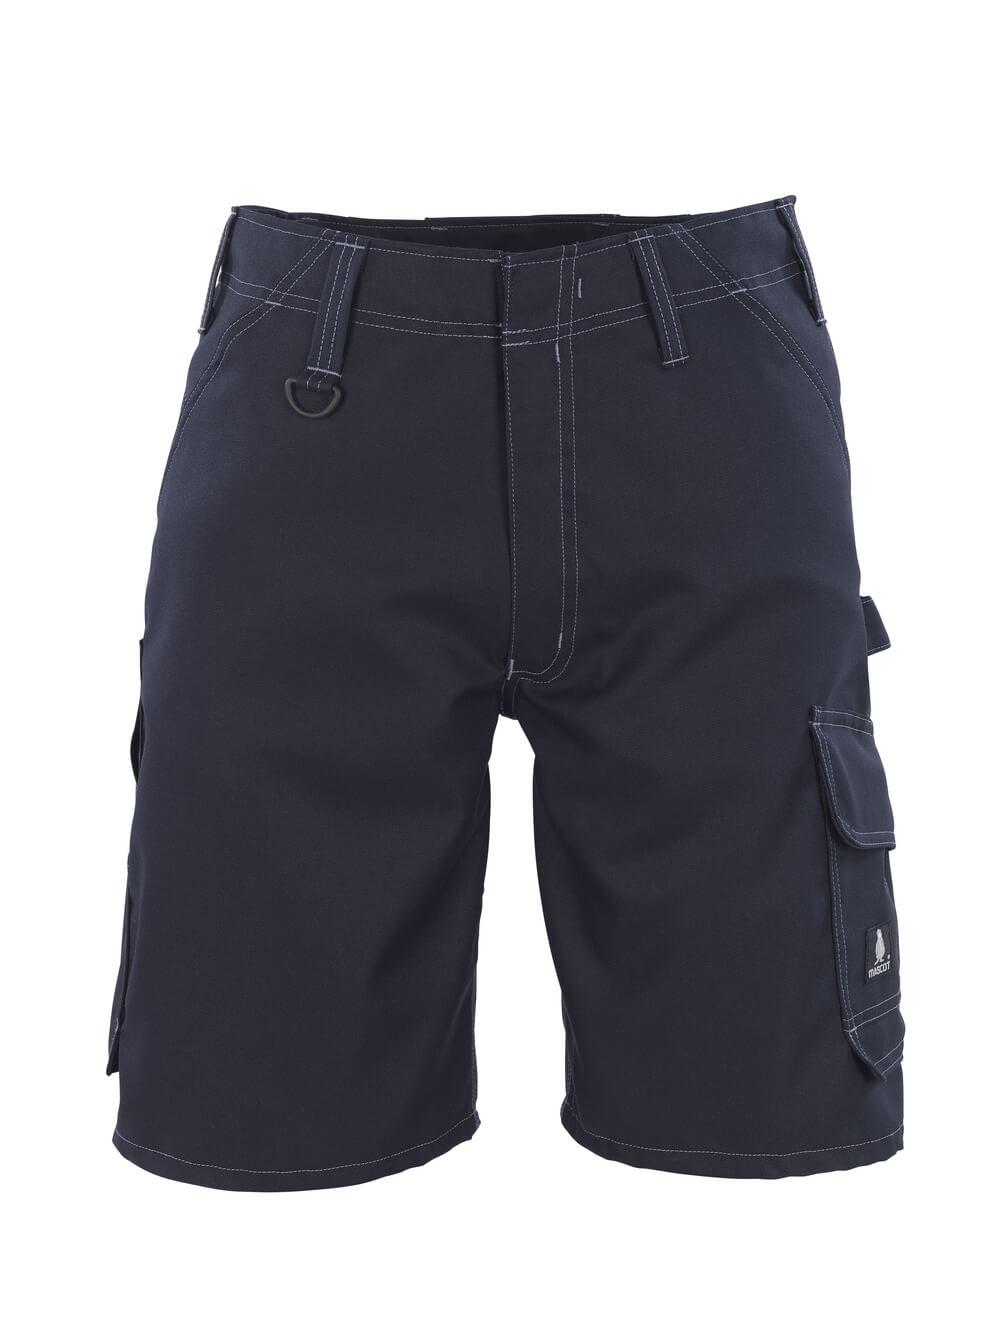 10149-154-010 Shorts - Schwarzblau